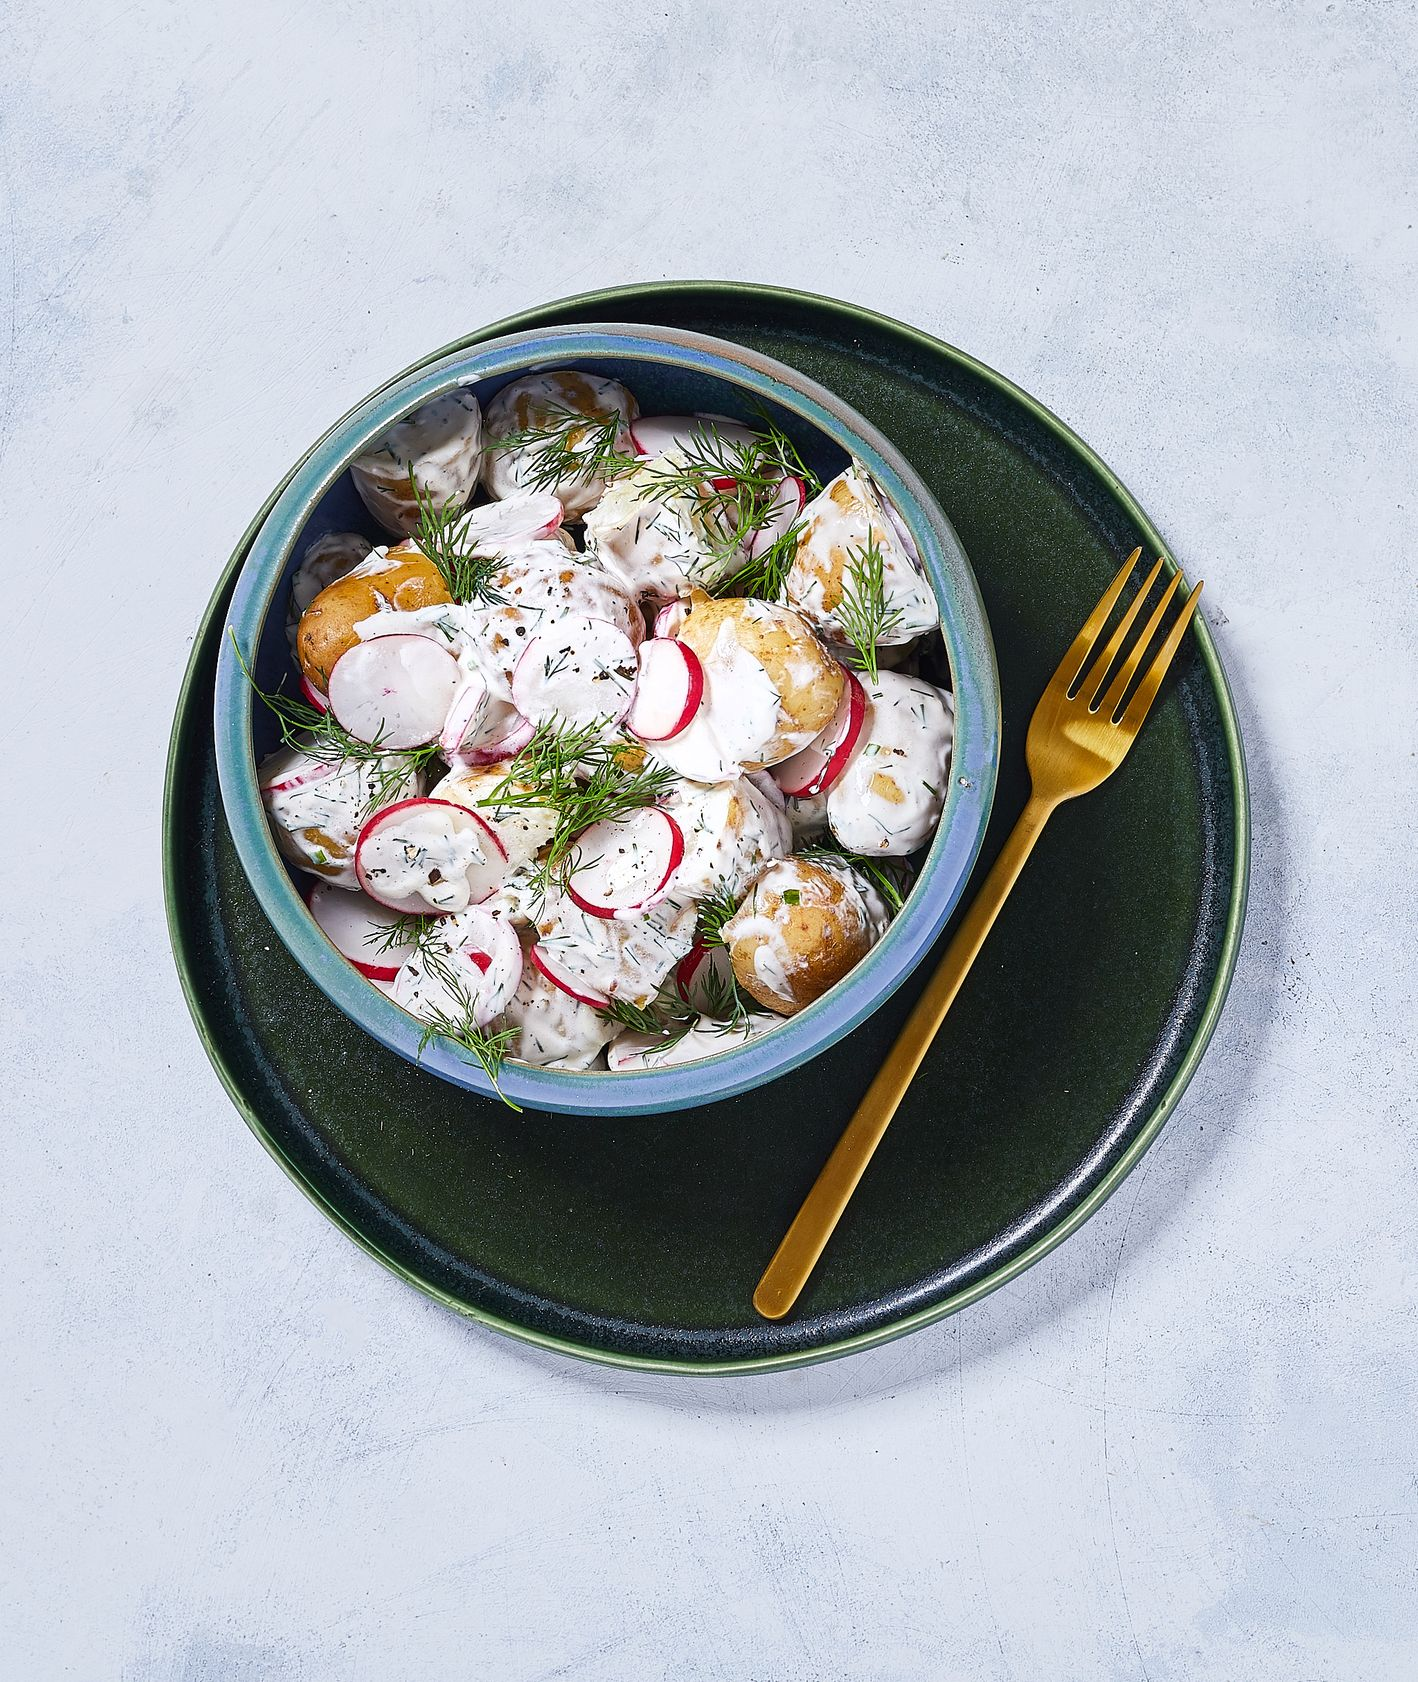 Sałatka z młodych ziemniaków i rzodkiewki polana gęstym sosem majonezowo-jogurtowym z koperkiem, sezonówki rzodkiewka